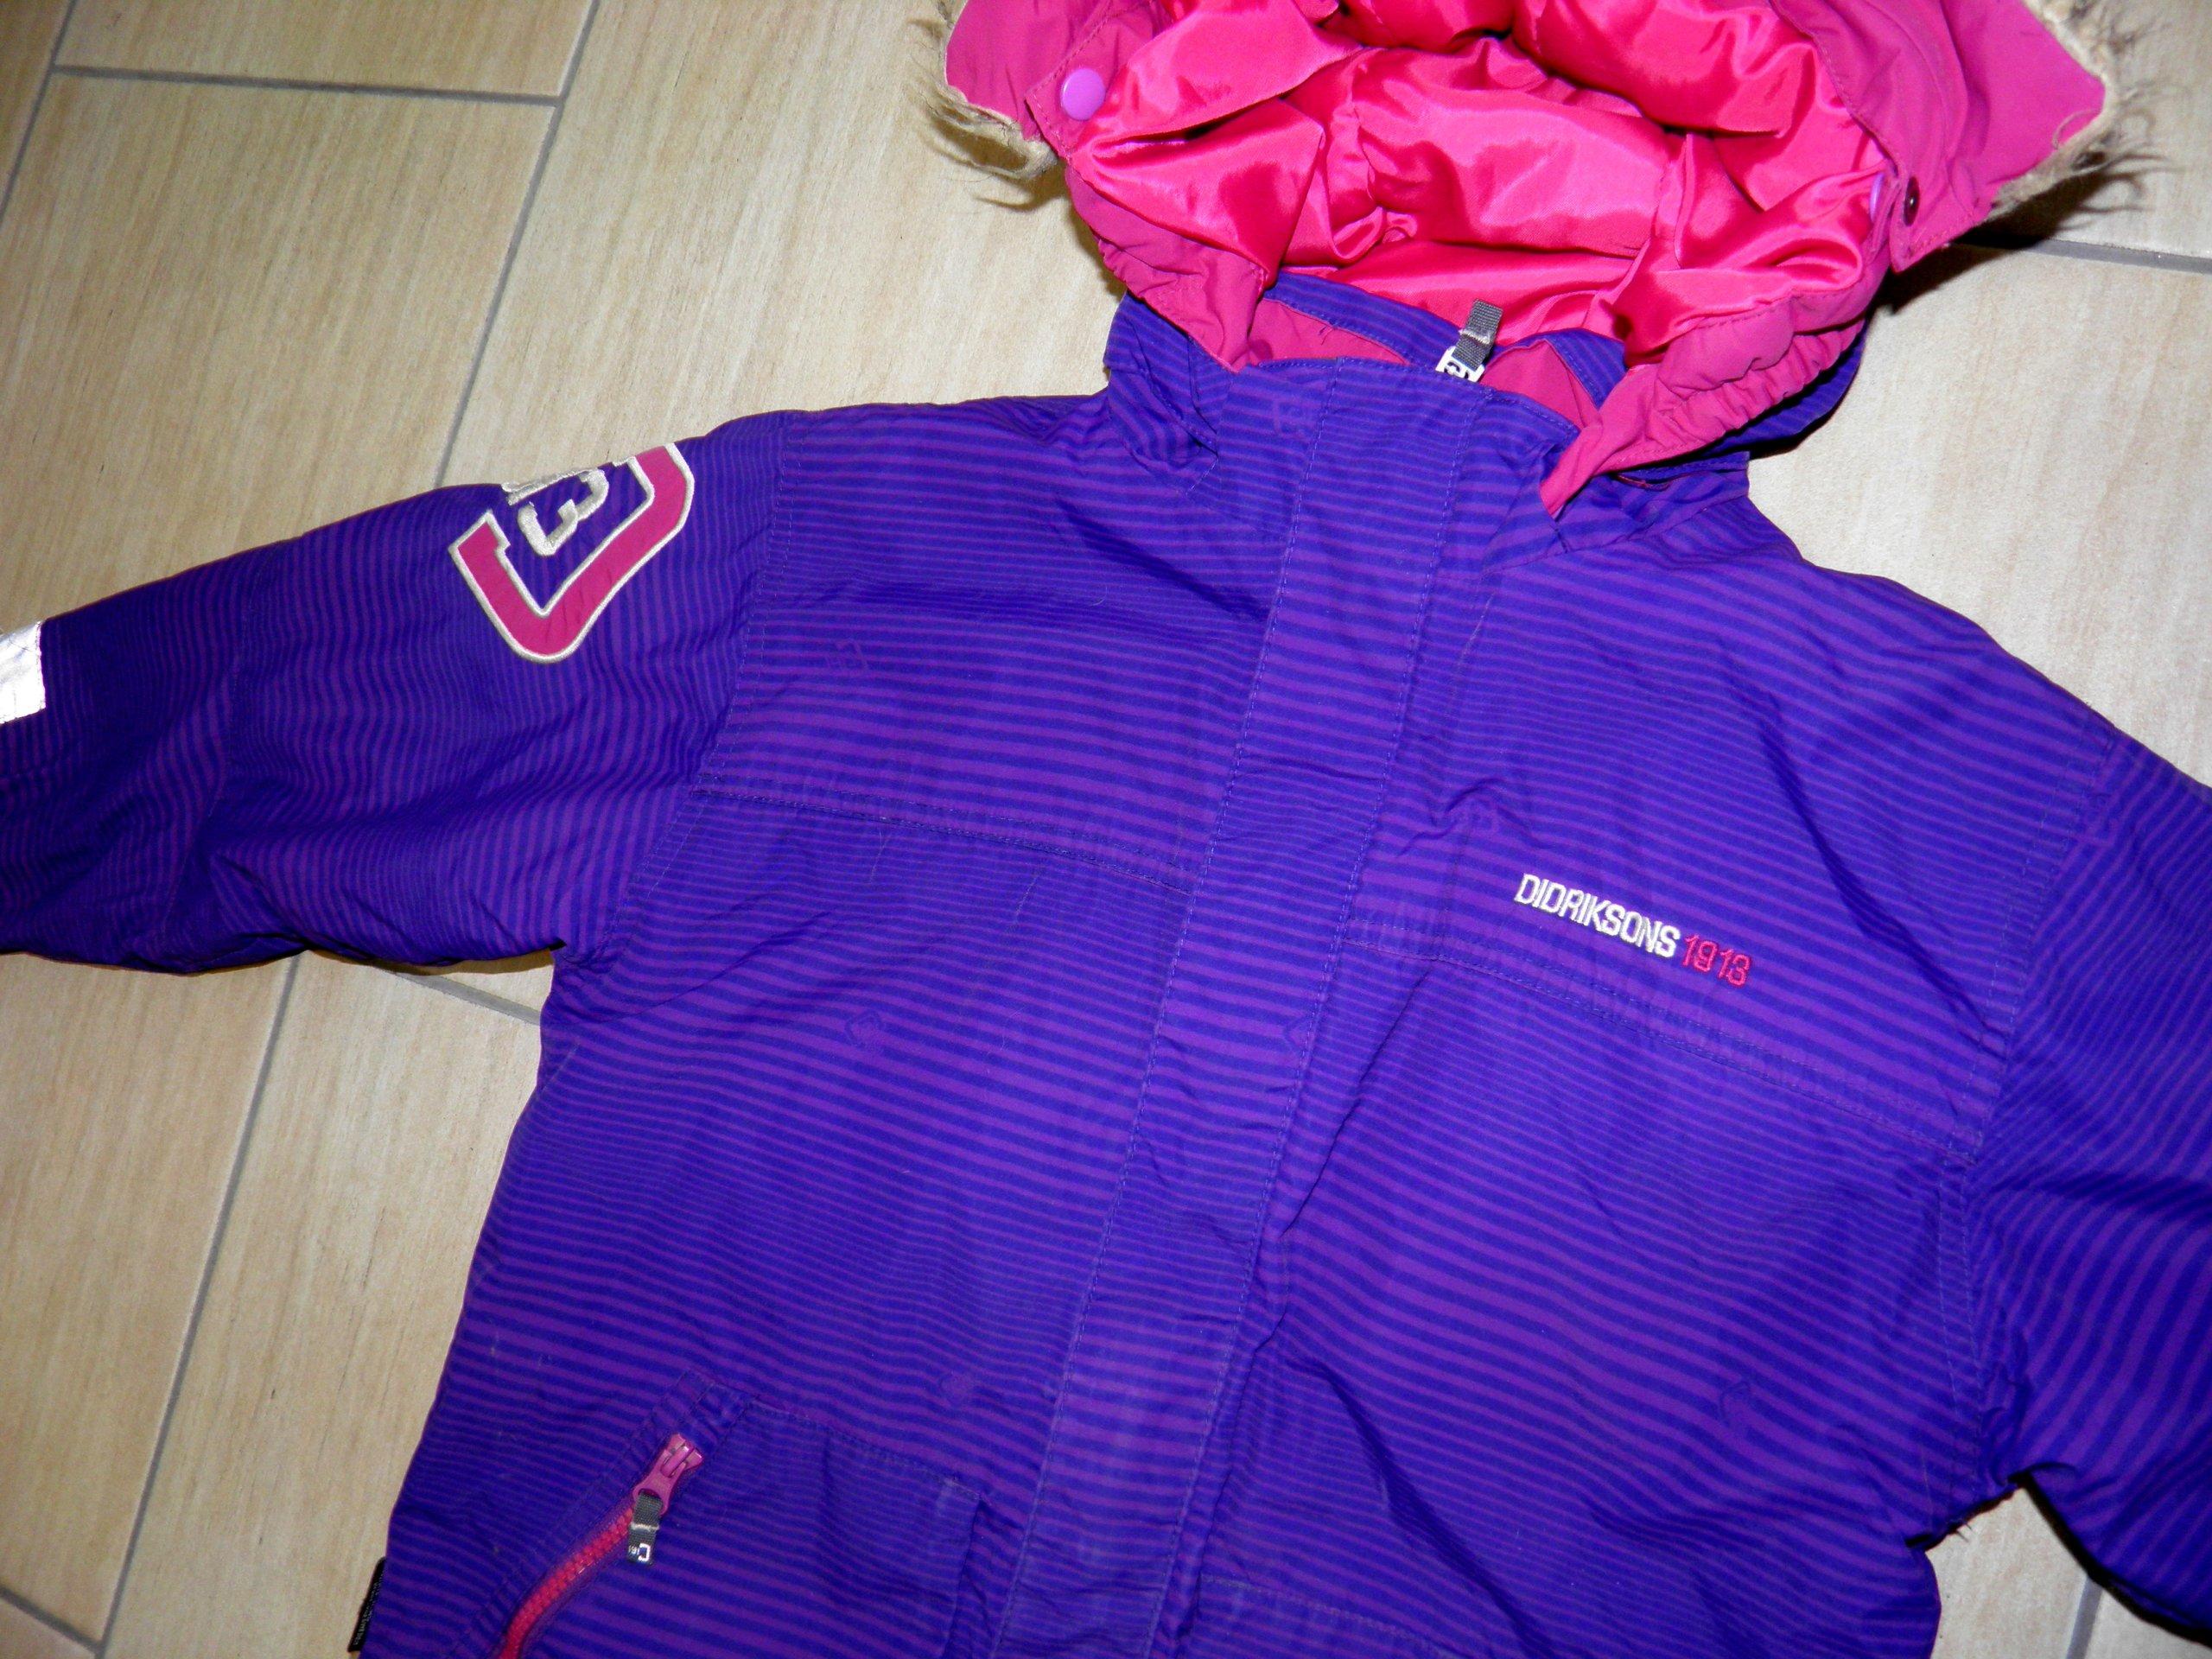 45a51eaf985d5 Kurtka narciarska dla dziecka r 140 - 7211028311 - oficjalne ...